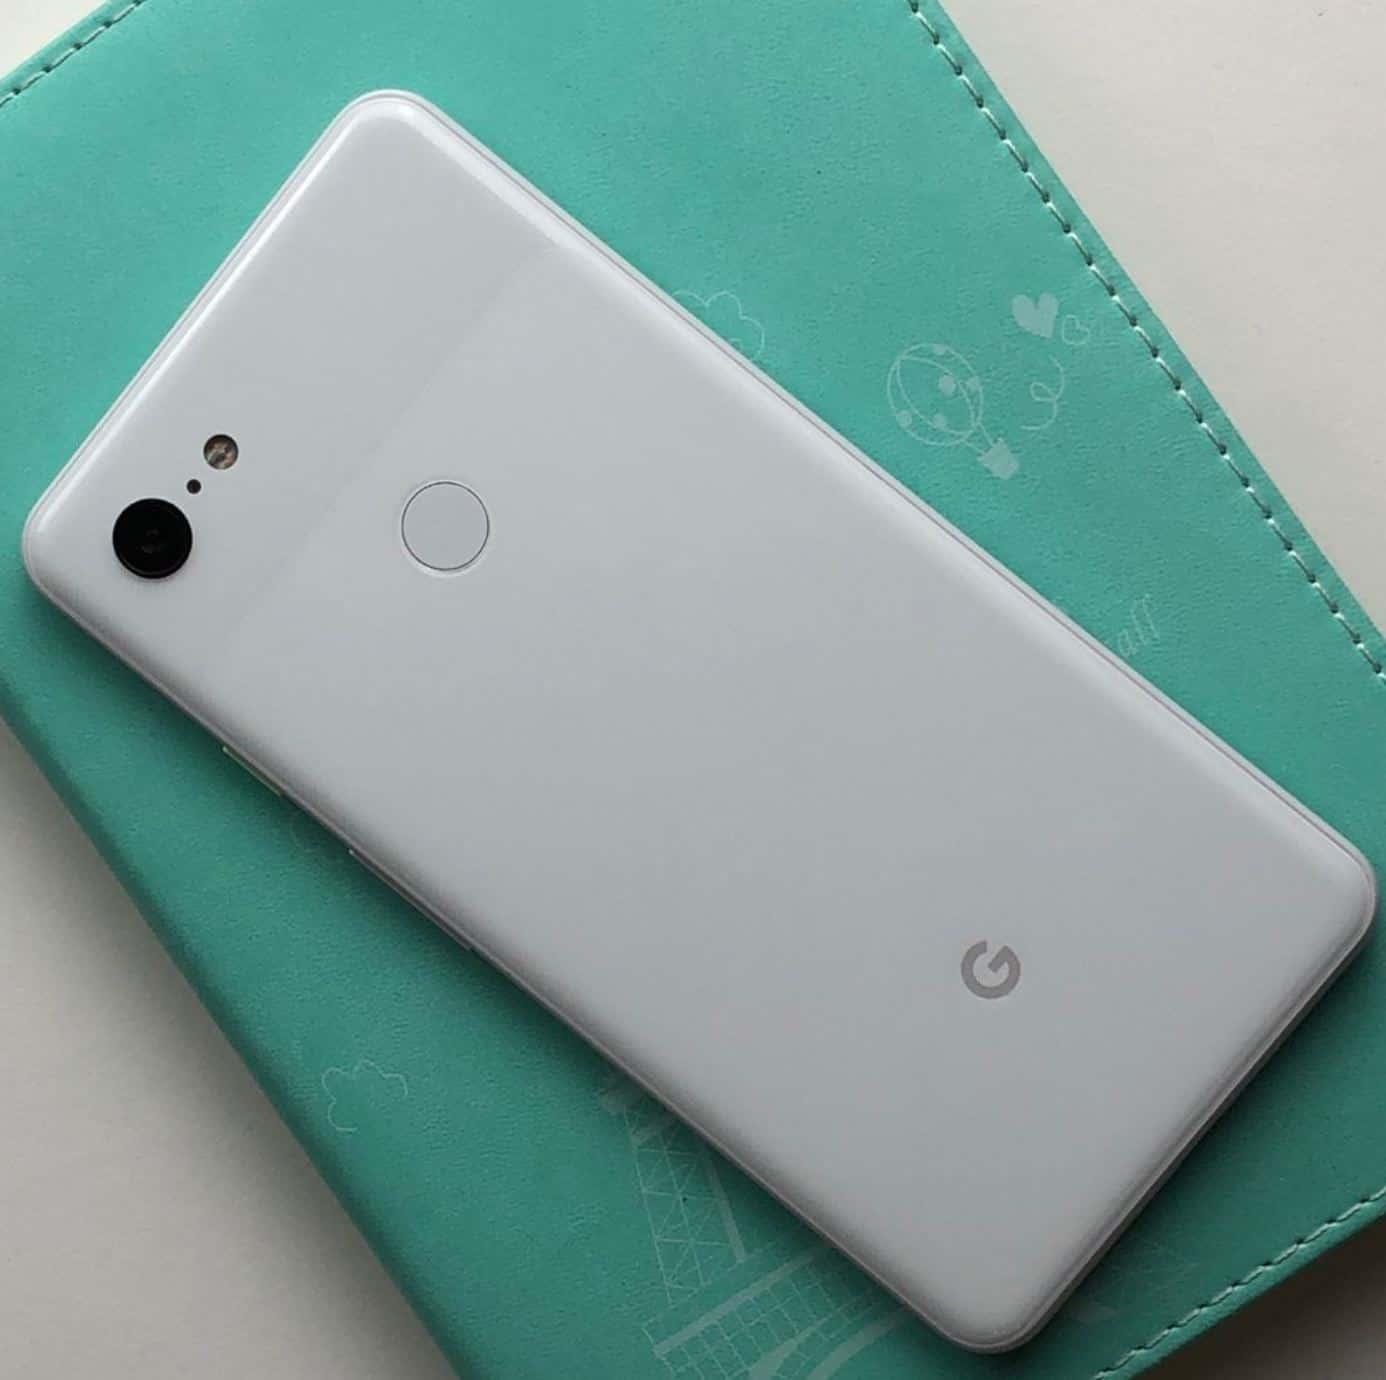 Google Pixel 3 XL Wylsacom 2